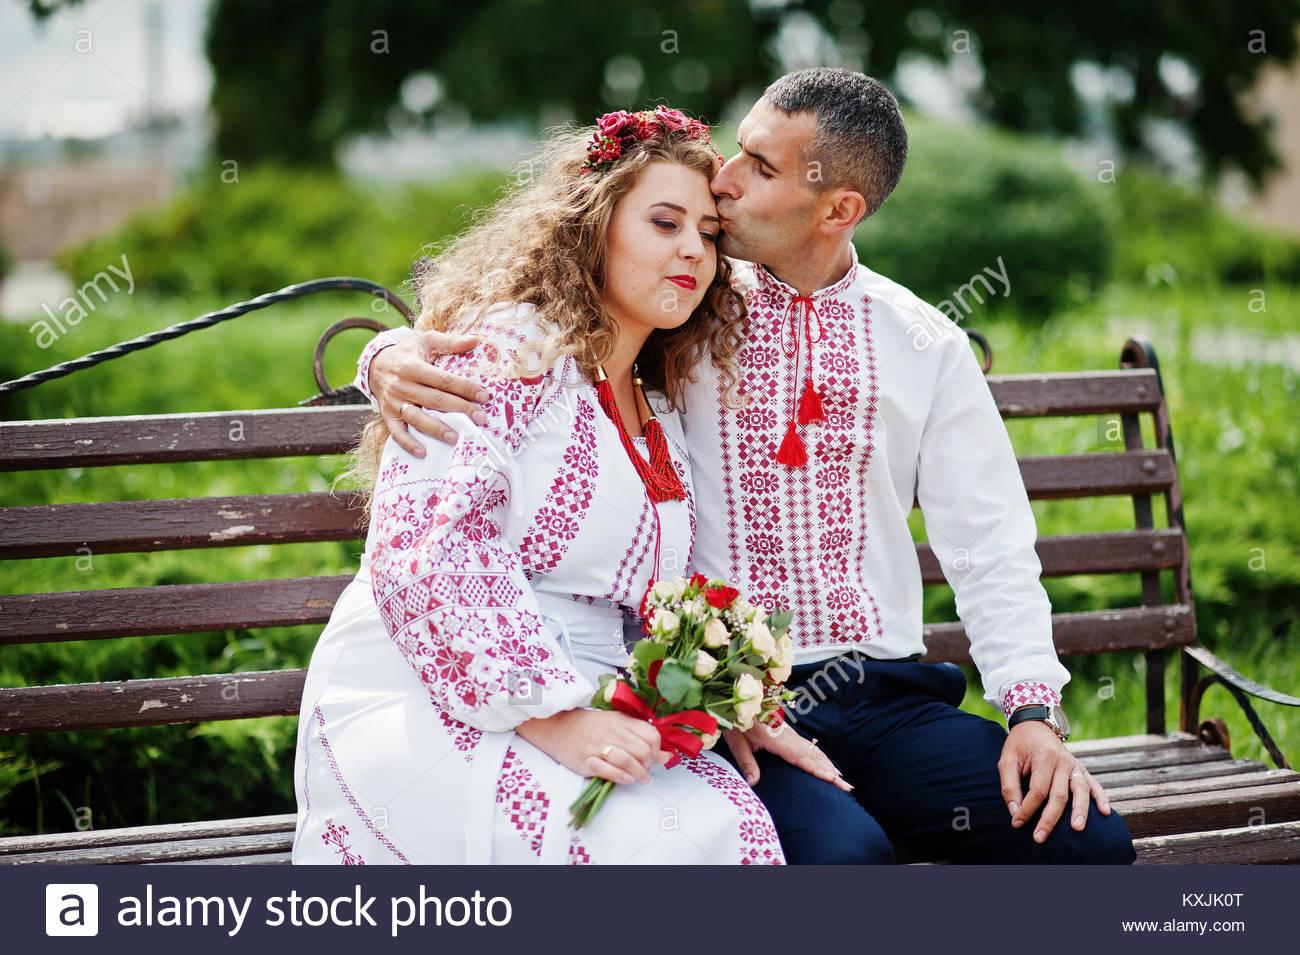 Hochzeit Paar In Der Ukrainischen Traditionelle Kleidung Auf